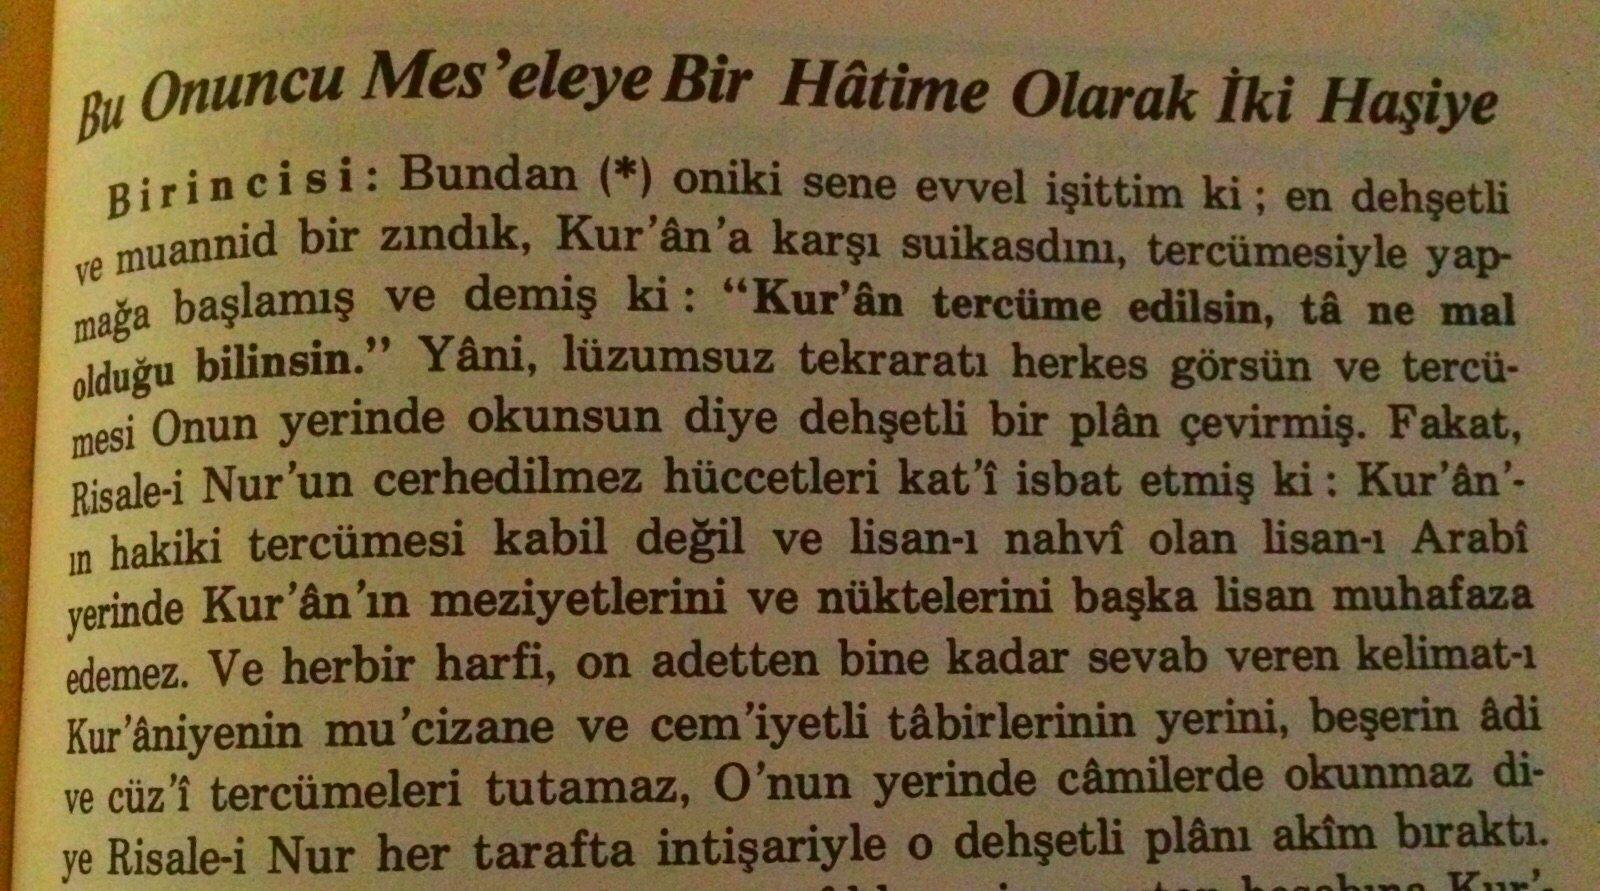 Atatürk'ün Kur'an'ı Türkçeye Çevirmesindeki Sır